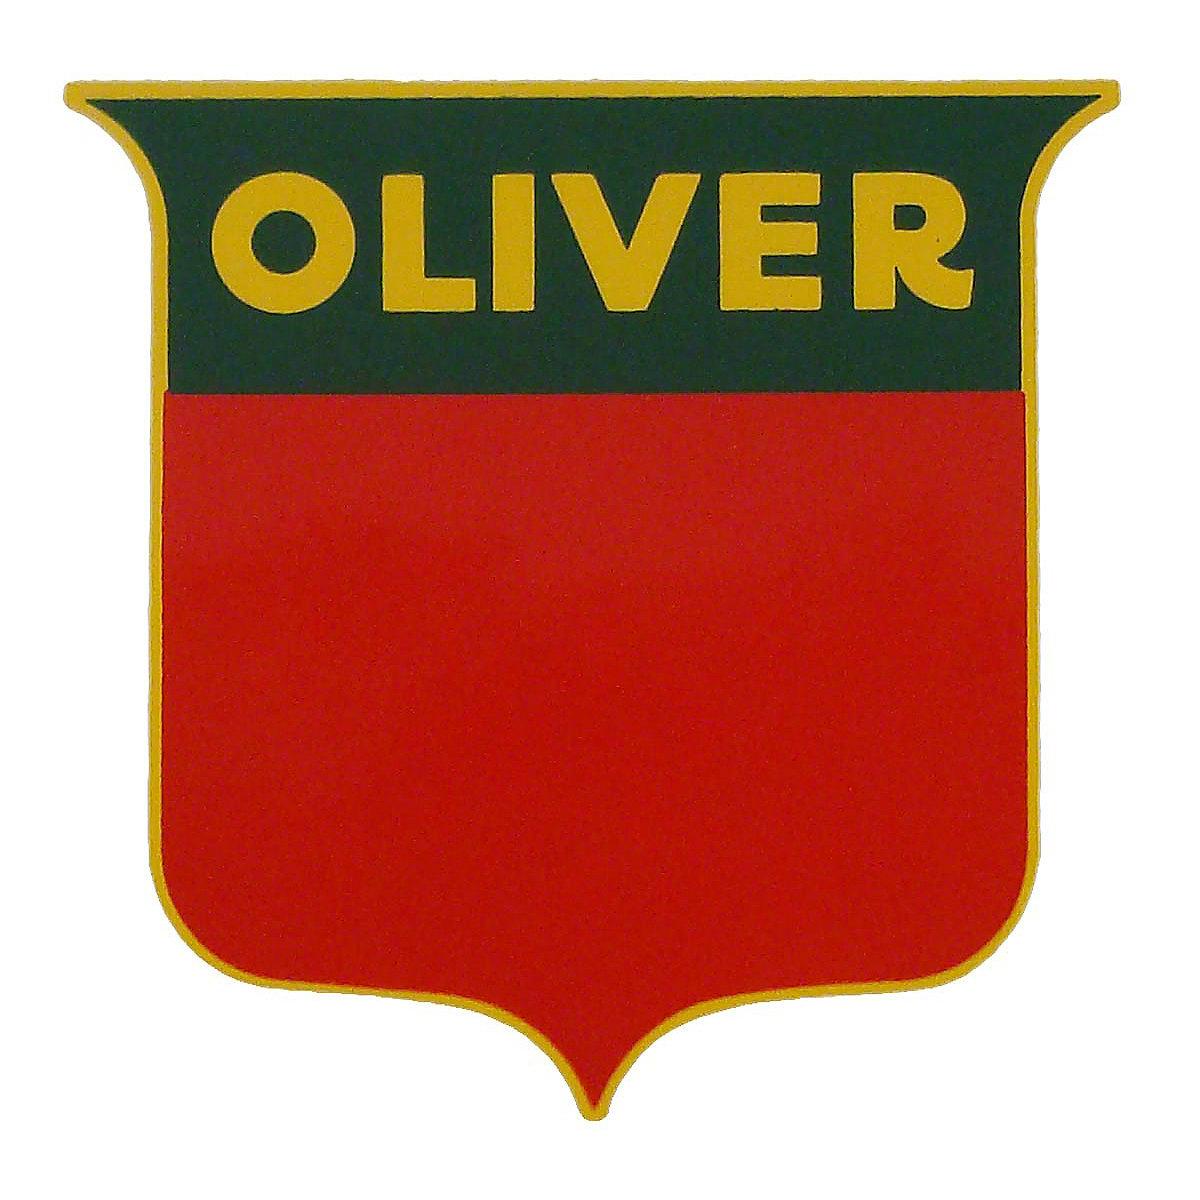 dec454 oliver shield decal rh steinertractor com oliver tractor logo history oliver tractor logo vector